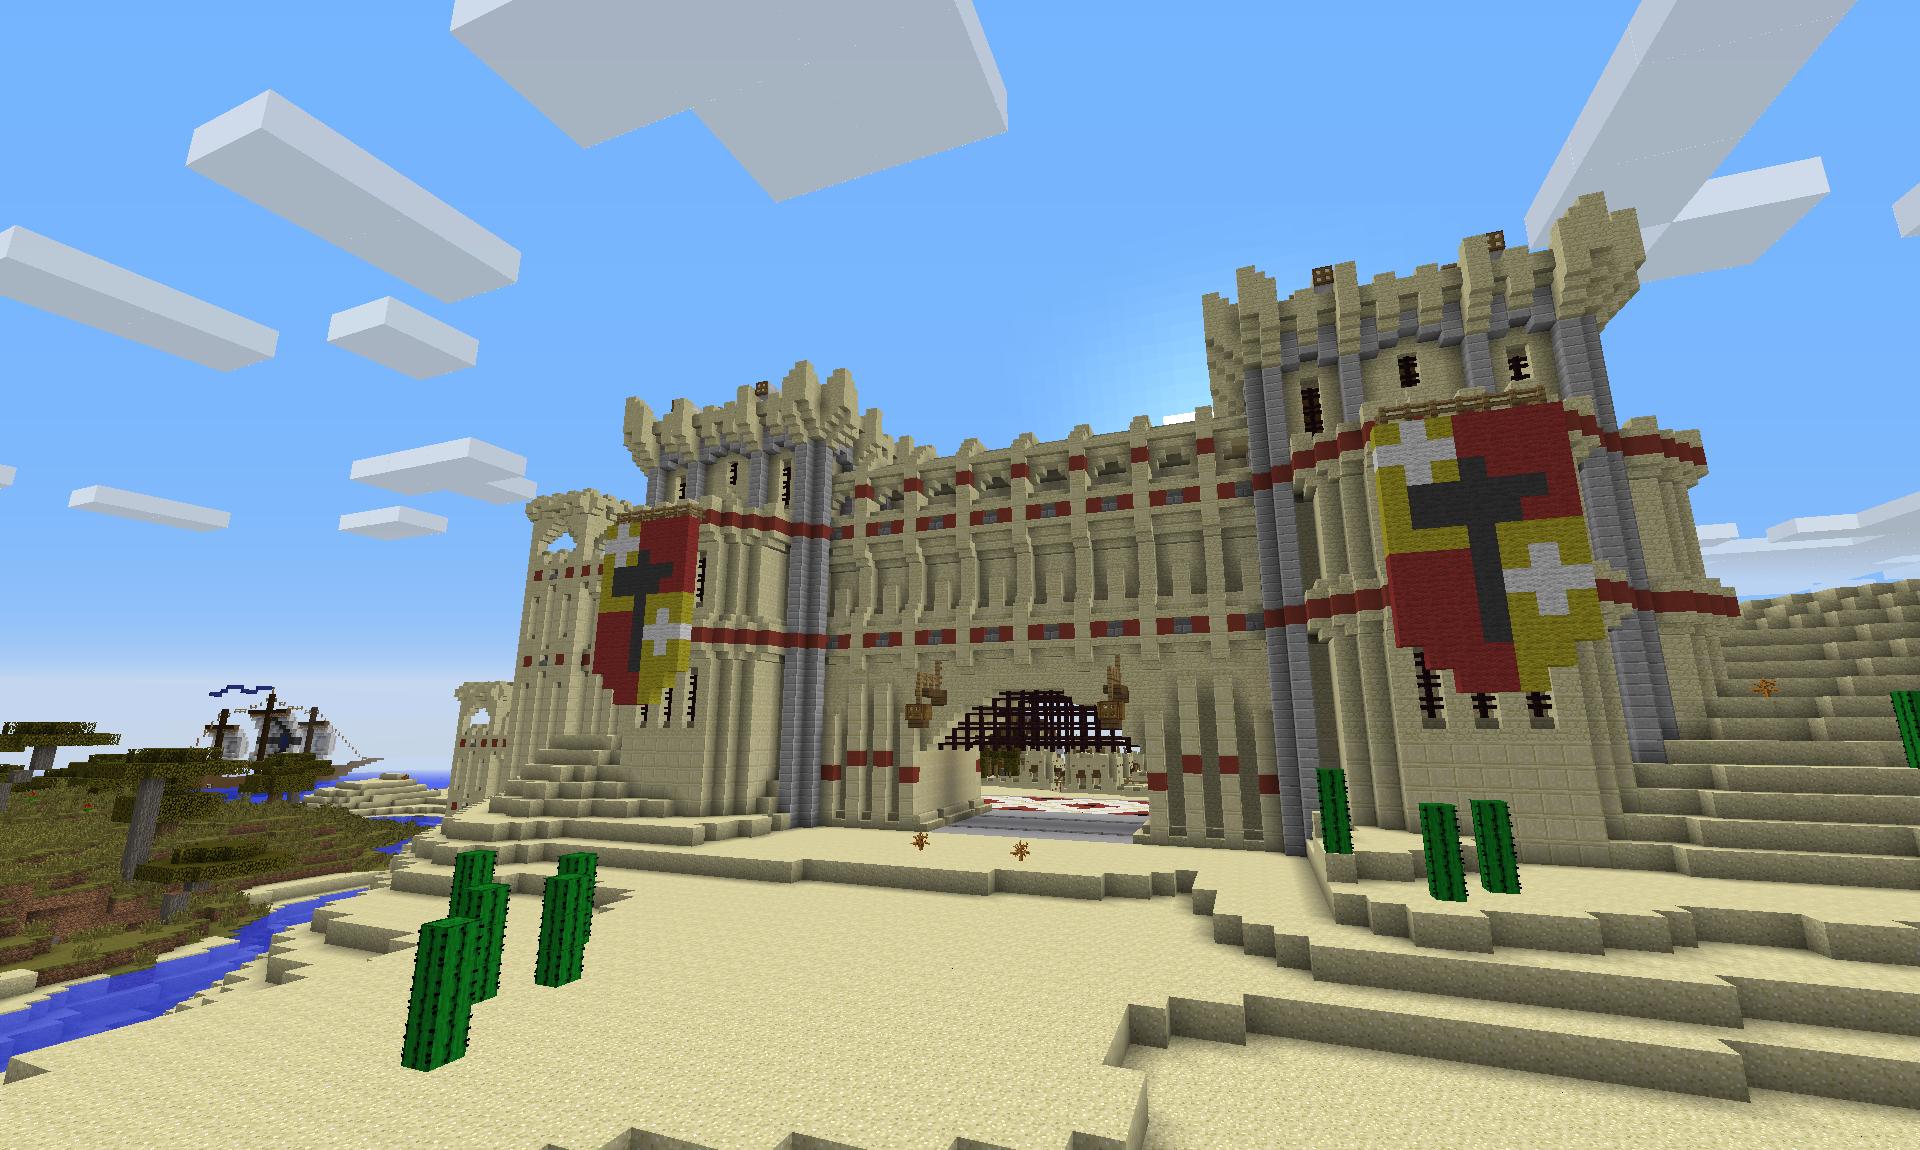 minecraft gate design. Plain Gate A Sandstone Castle Gate Design On Minecraft Gate Design